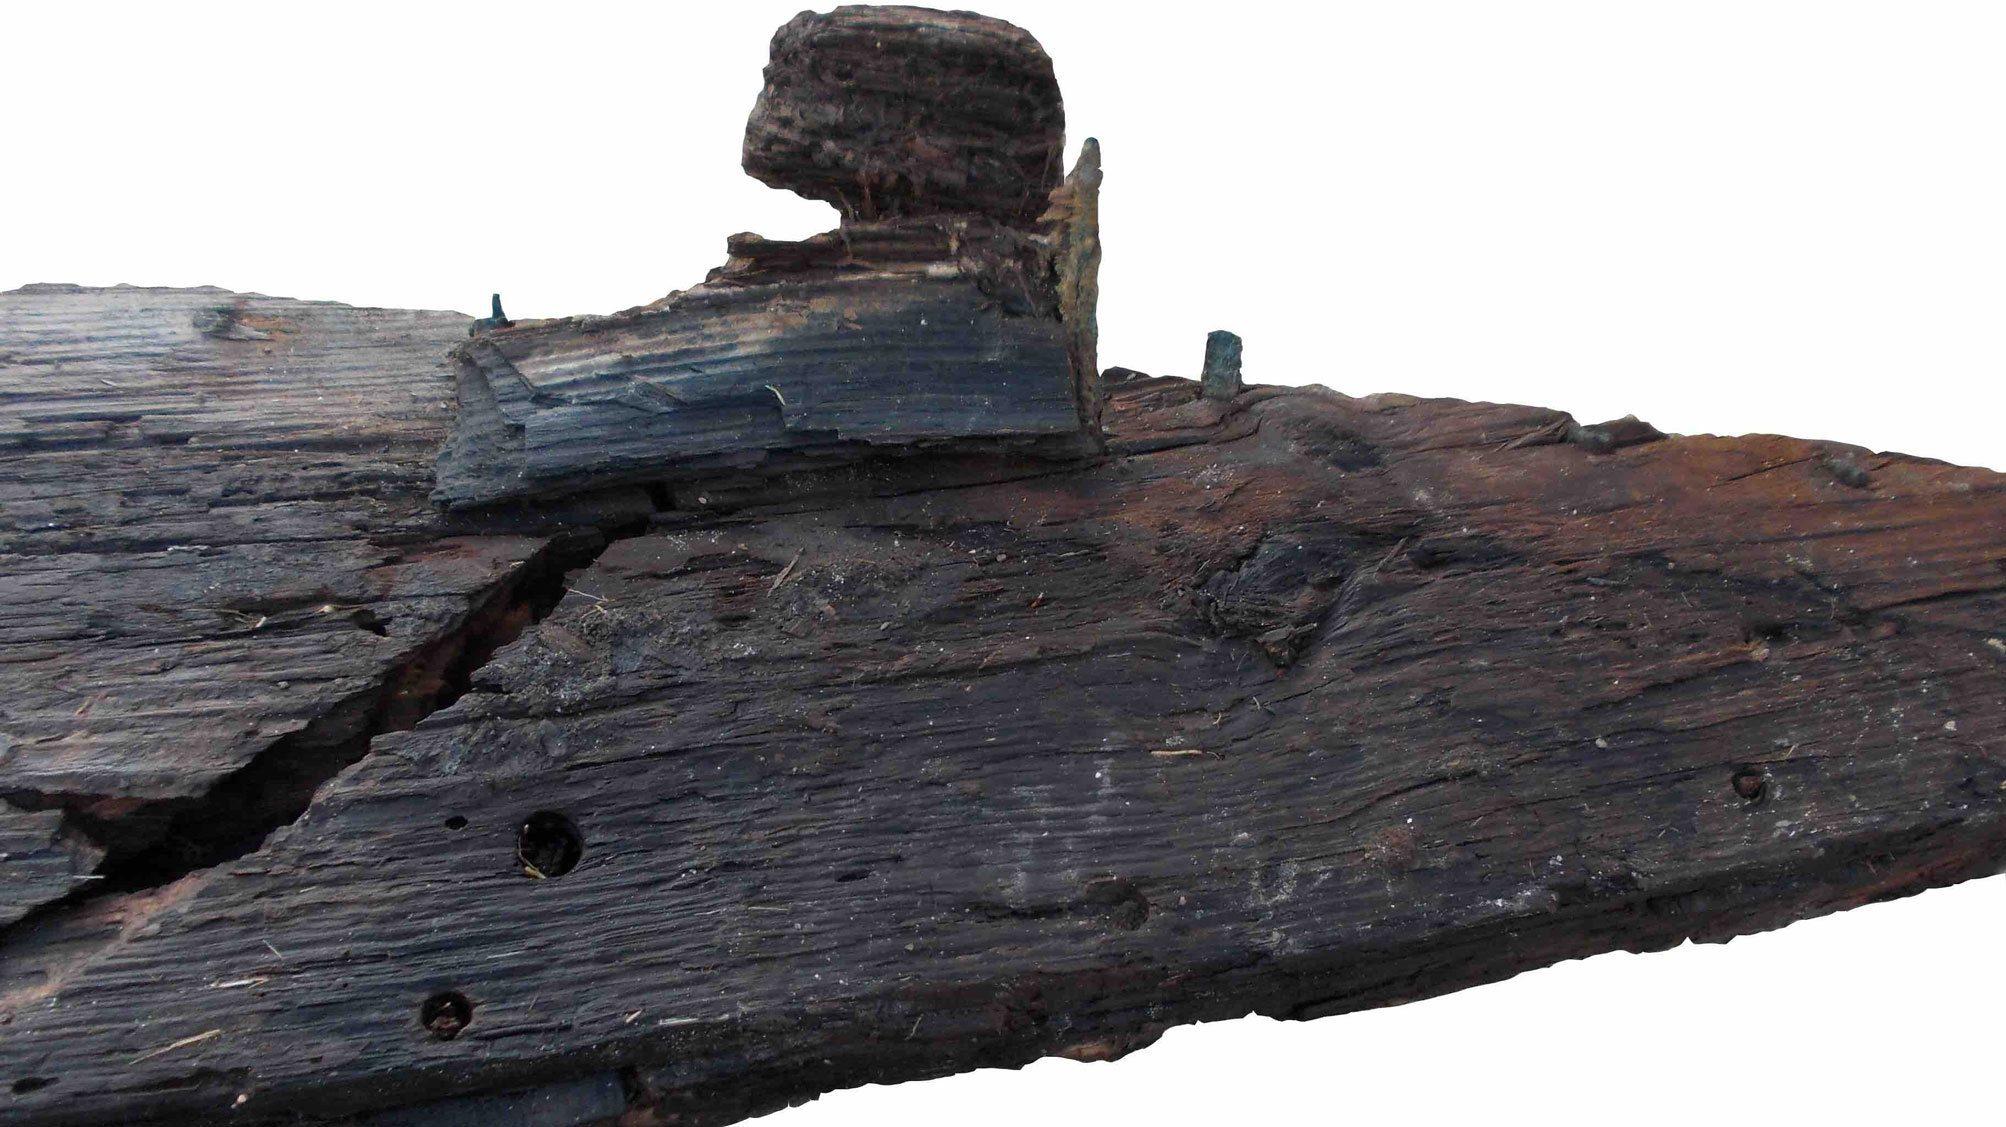 1_Prua-di-nave-romana